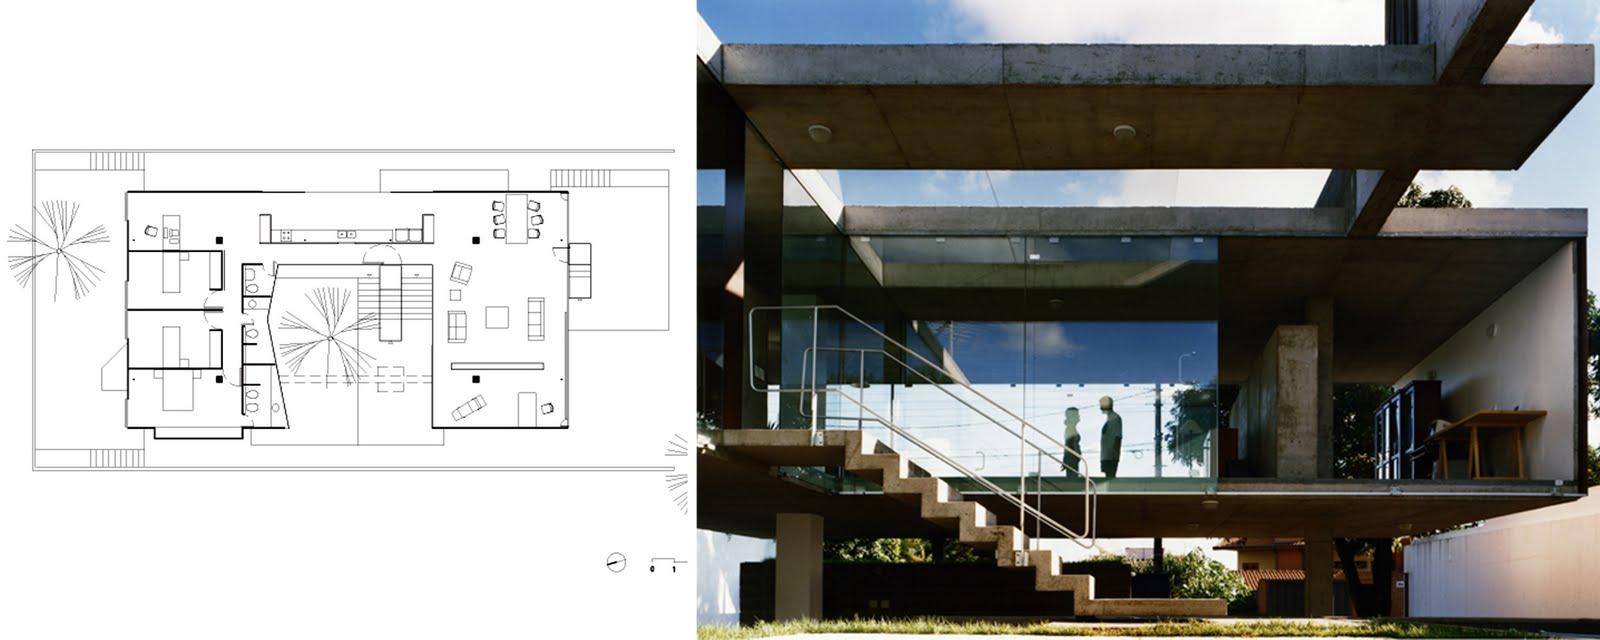 Ejercicio 1 - Analisis De Casas